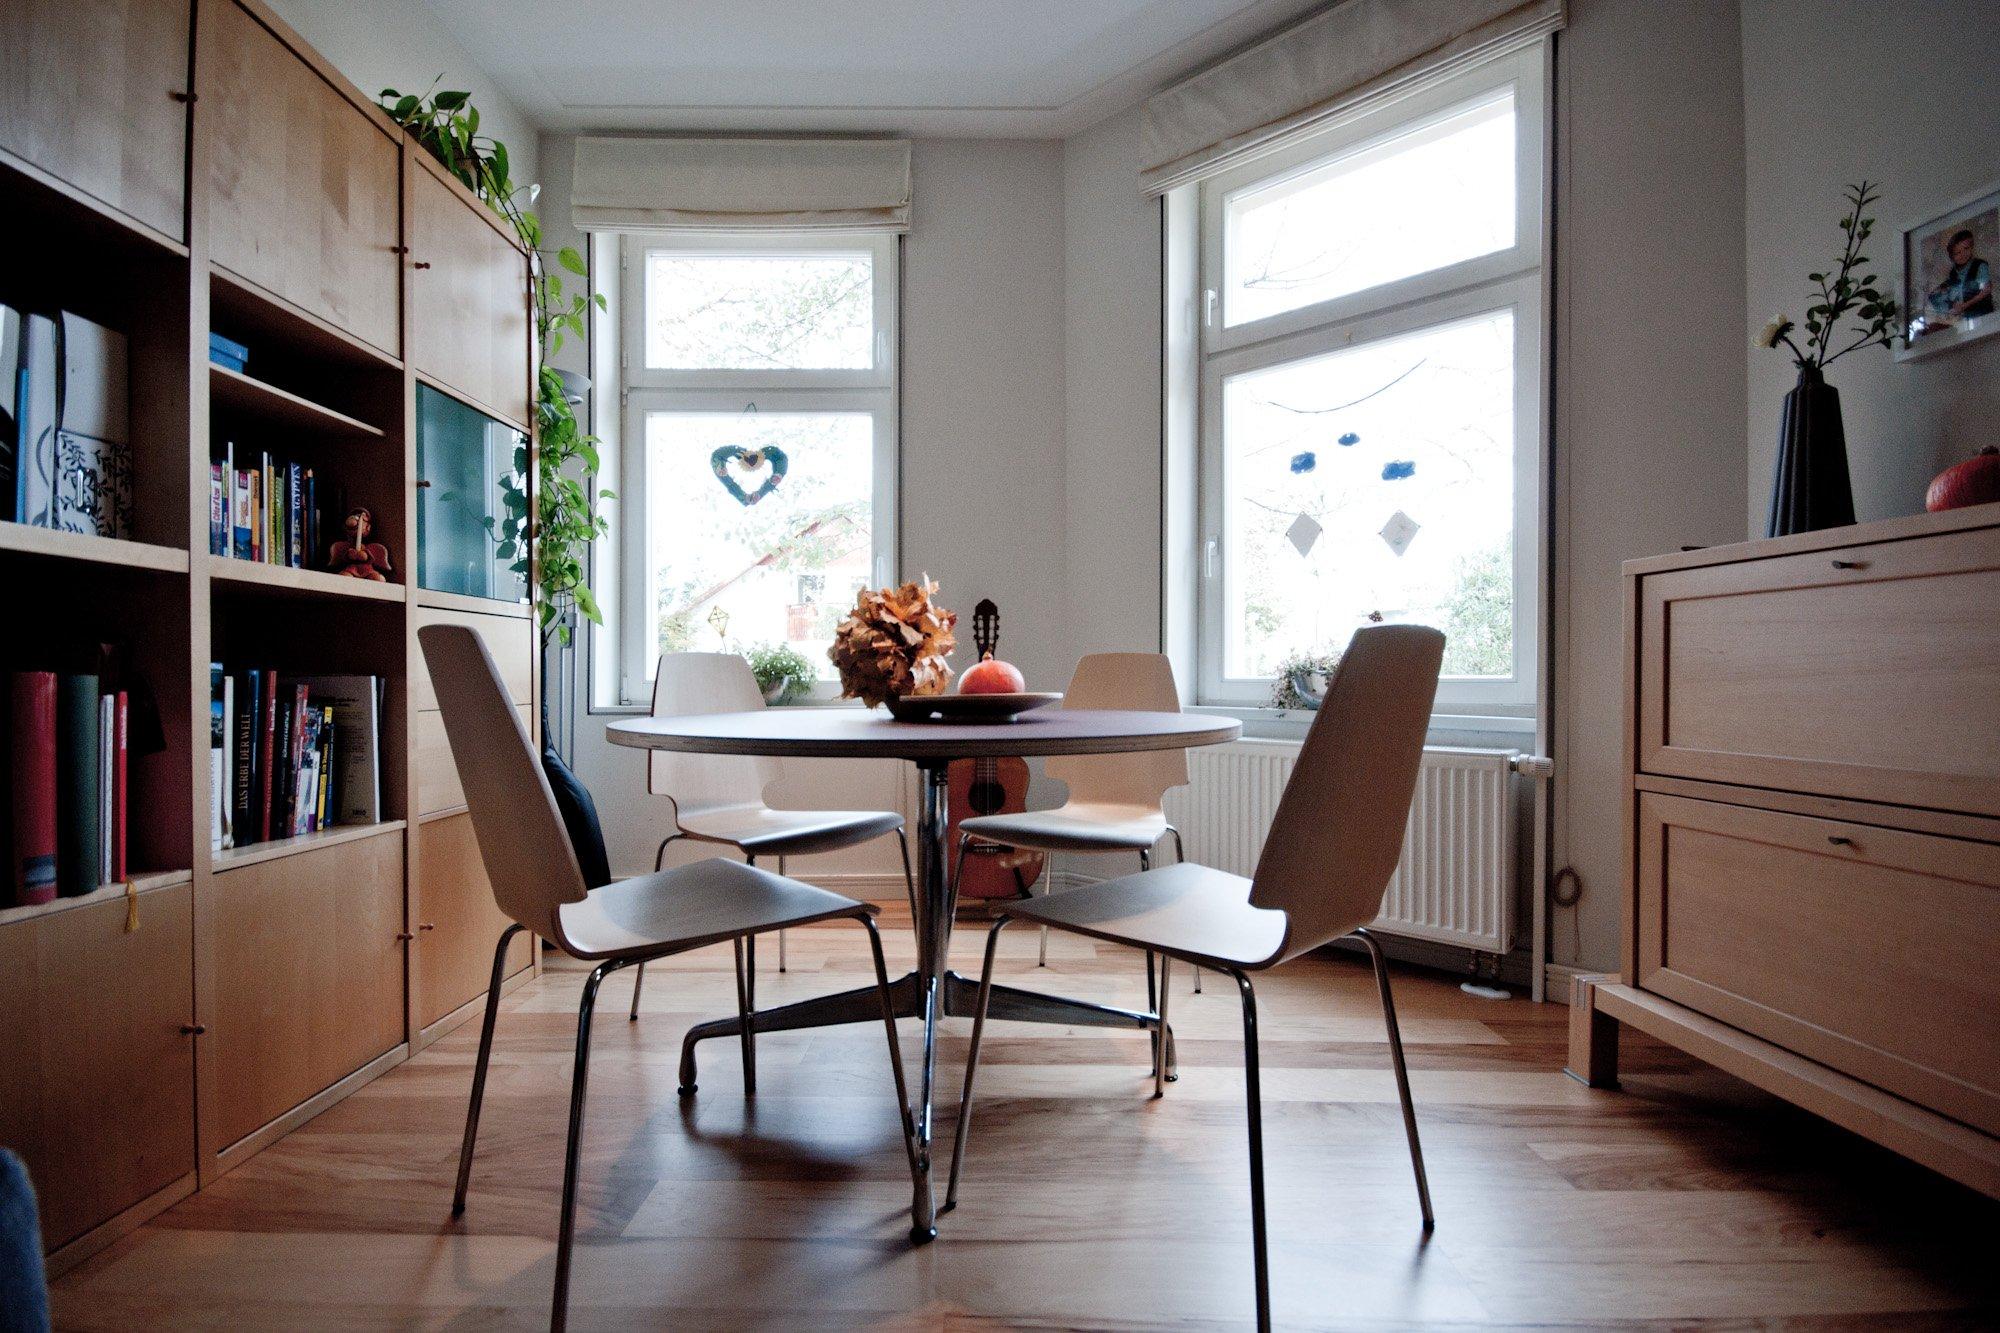 Wohnzimmer 39 wohnzimmer 2014 39 berlin home zimmerschau for Wohnzimmer 36 berlin